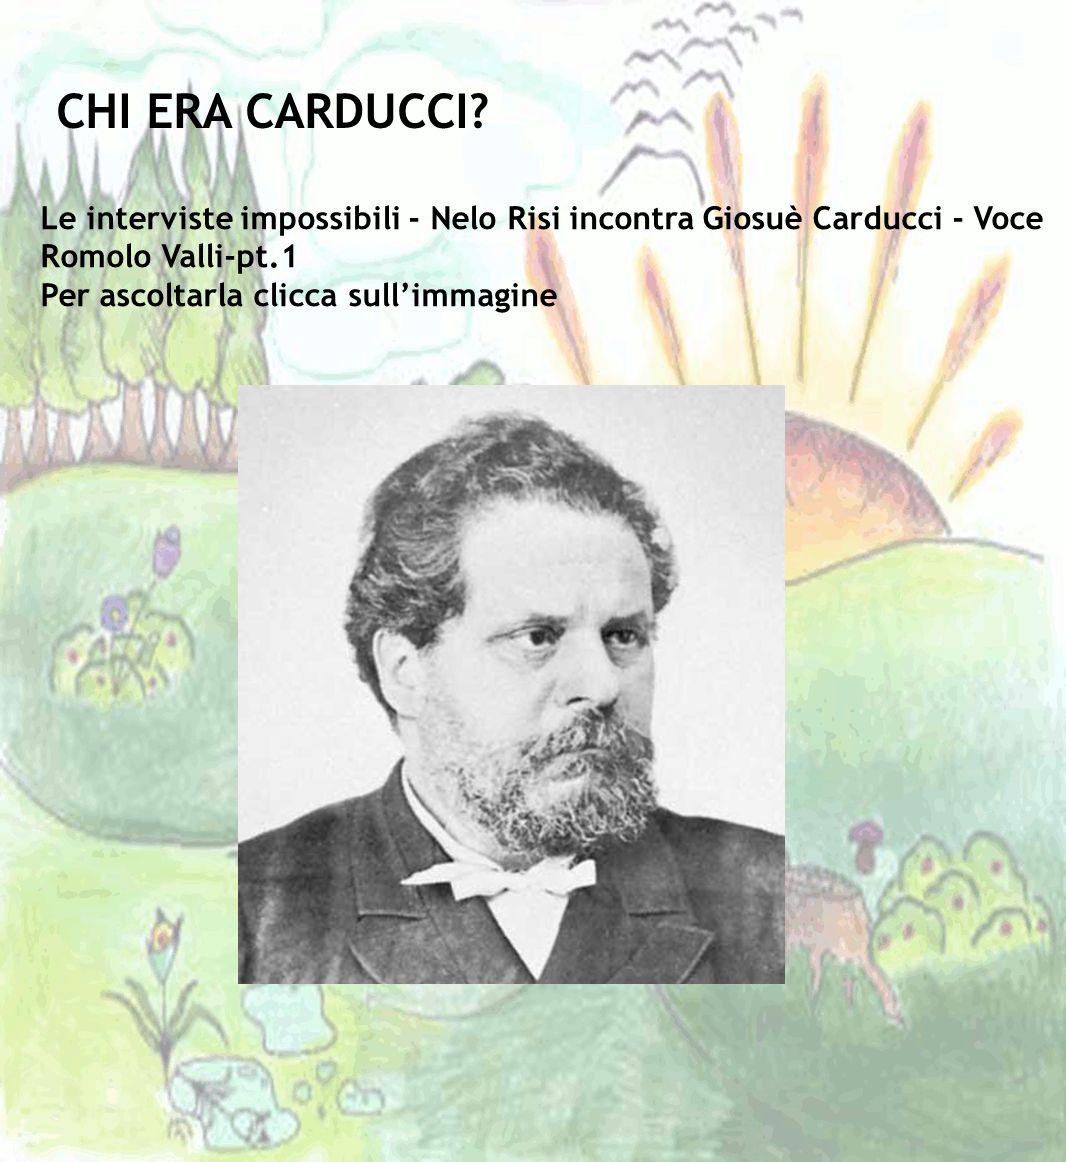 CHI ERA CARDUCCI Le interviste impossibili - Nelo Risi incontra Giosuè Carducci - Voce Romolo Valli-pt.1.